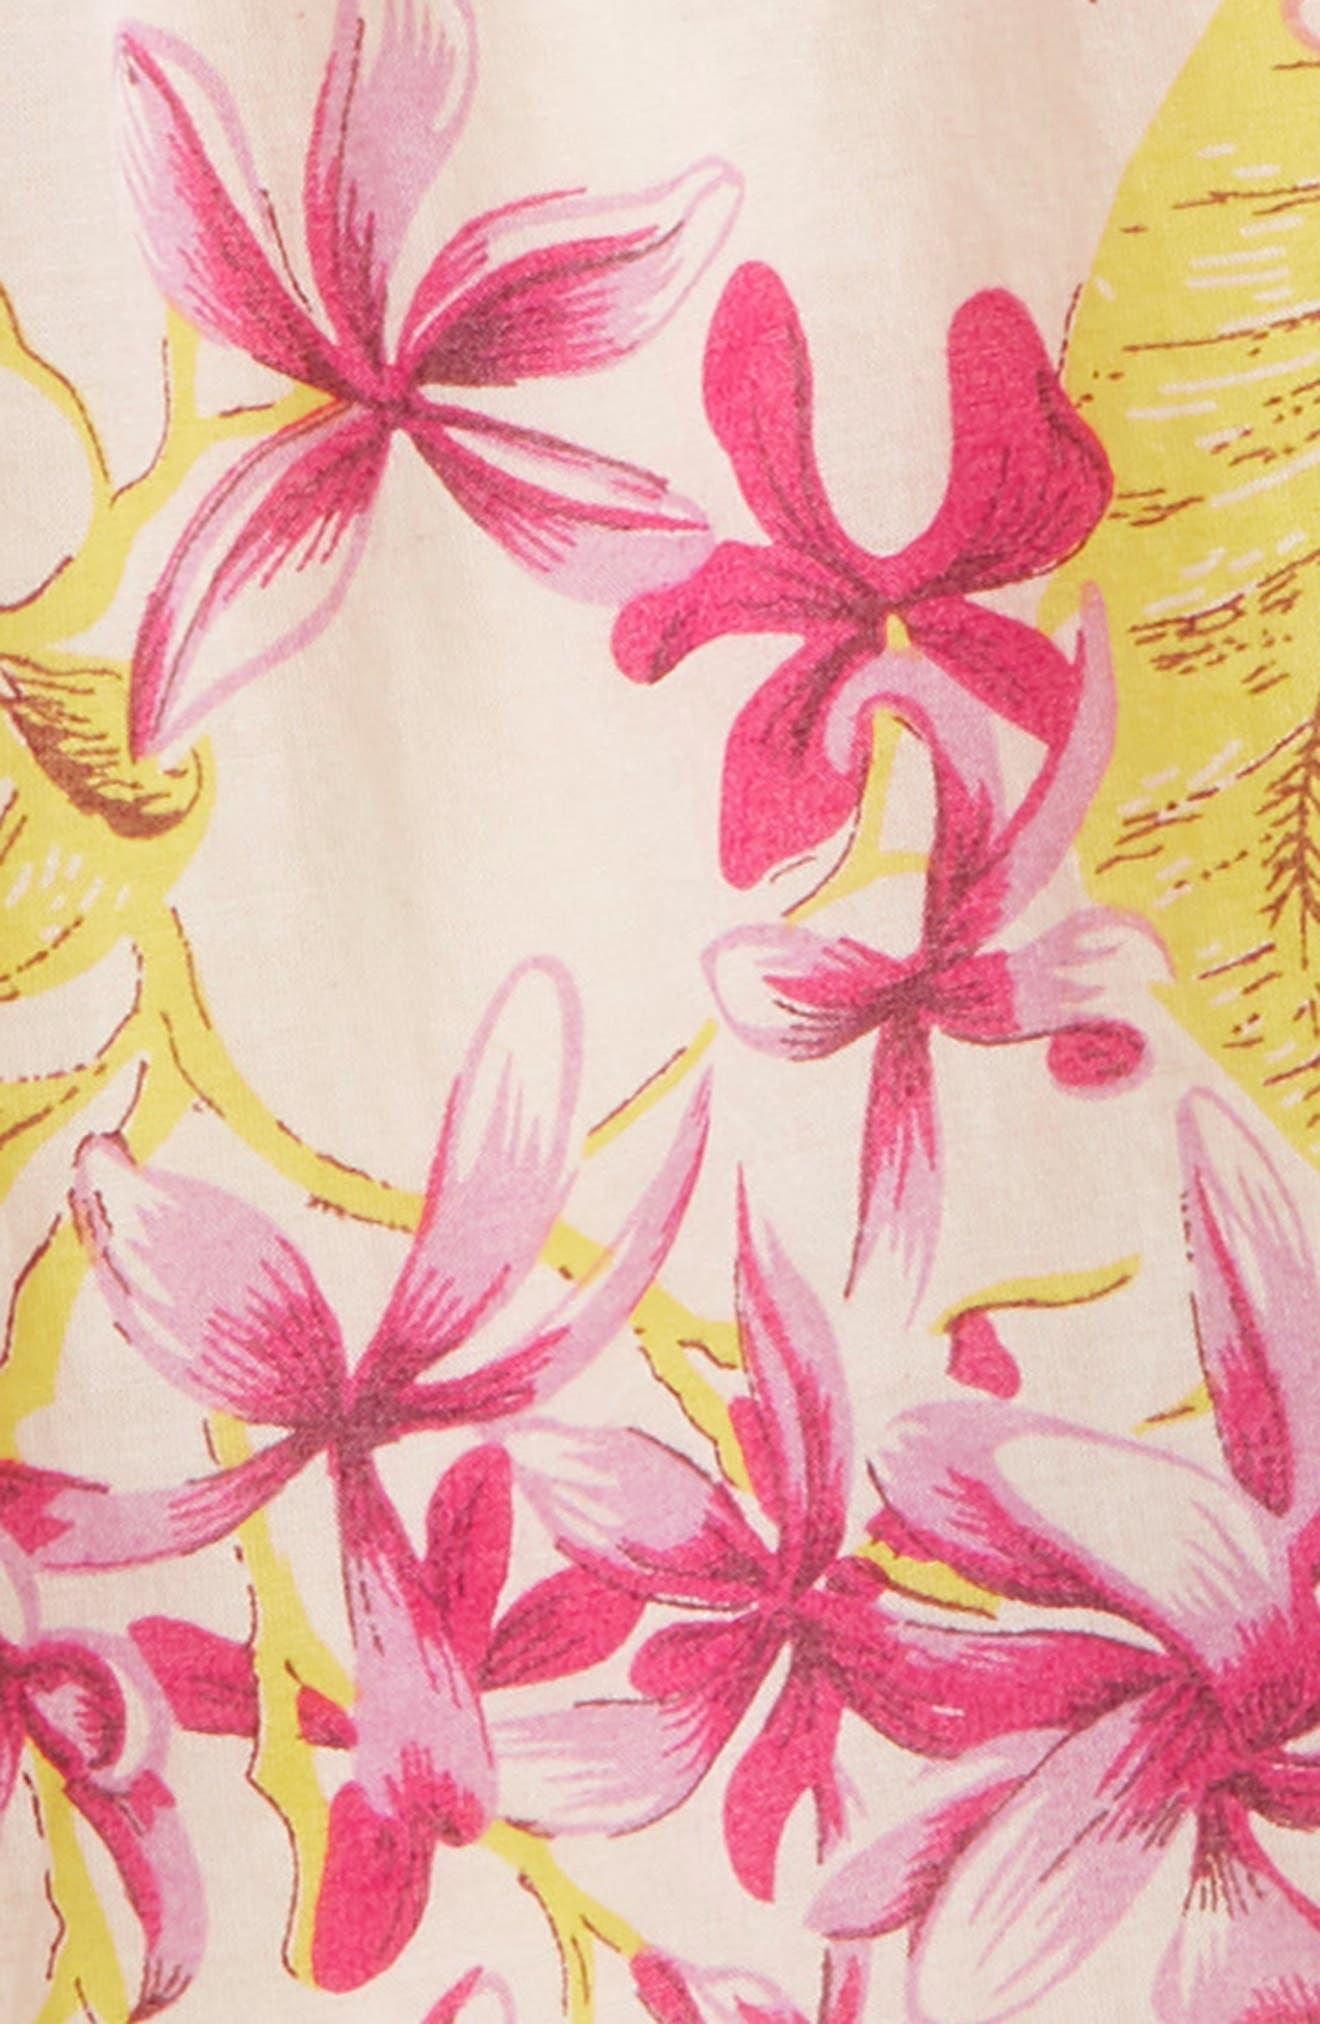 Scotch R'Belle Floral Print Trapeze Top,                             Alternate thumbnail 2, color,                             Pink Print